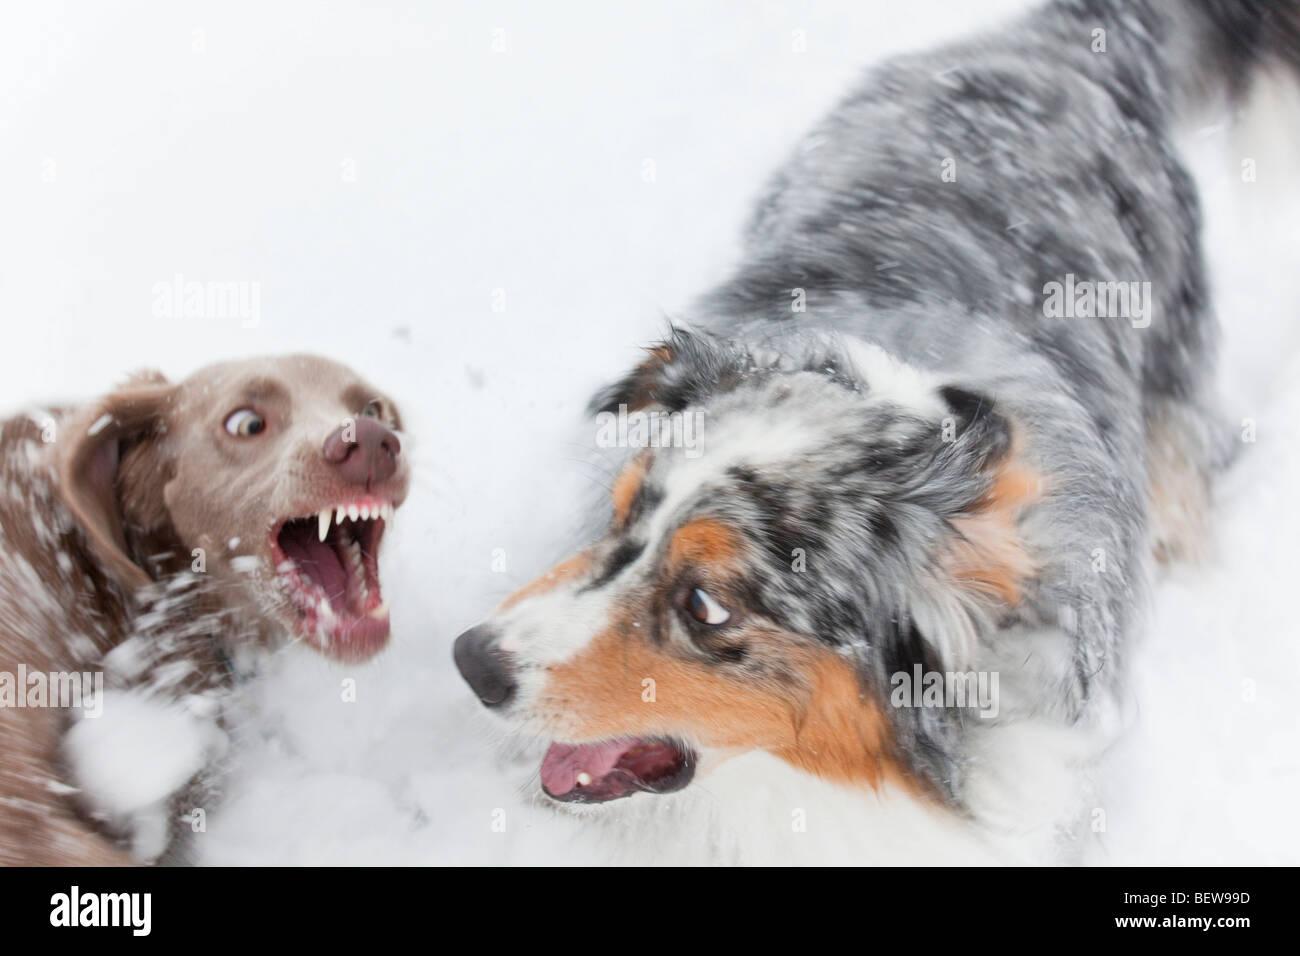 Deux chiens se battre dans la neige, high angle view Photo Stock